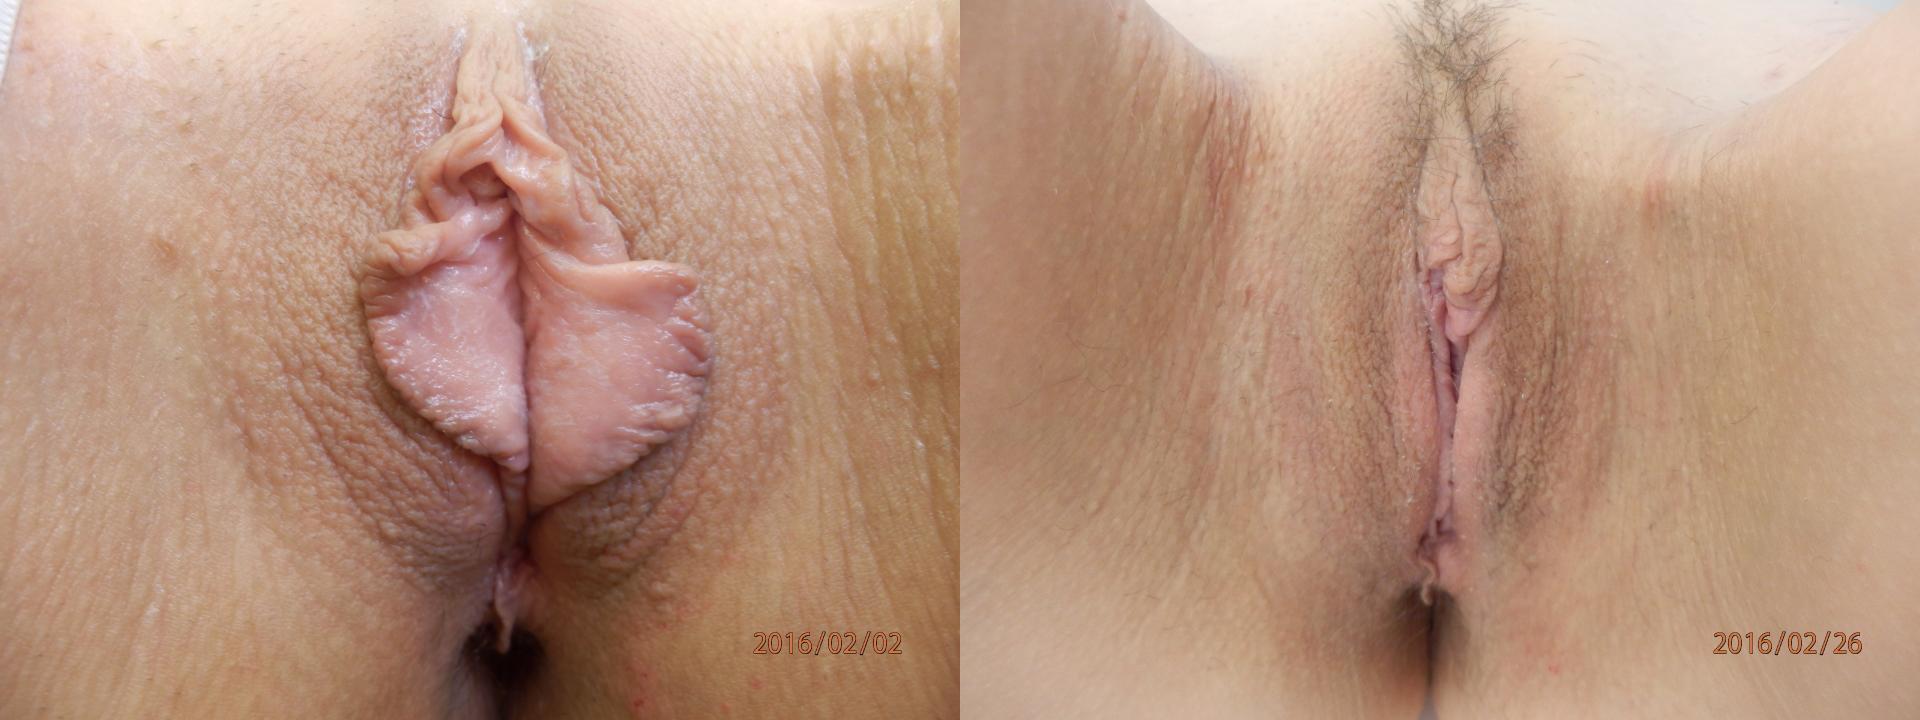 sex jihlava sex obrázky